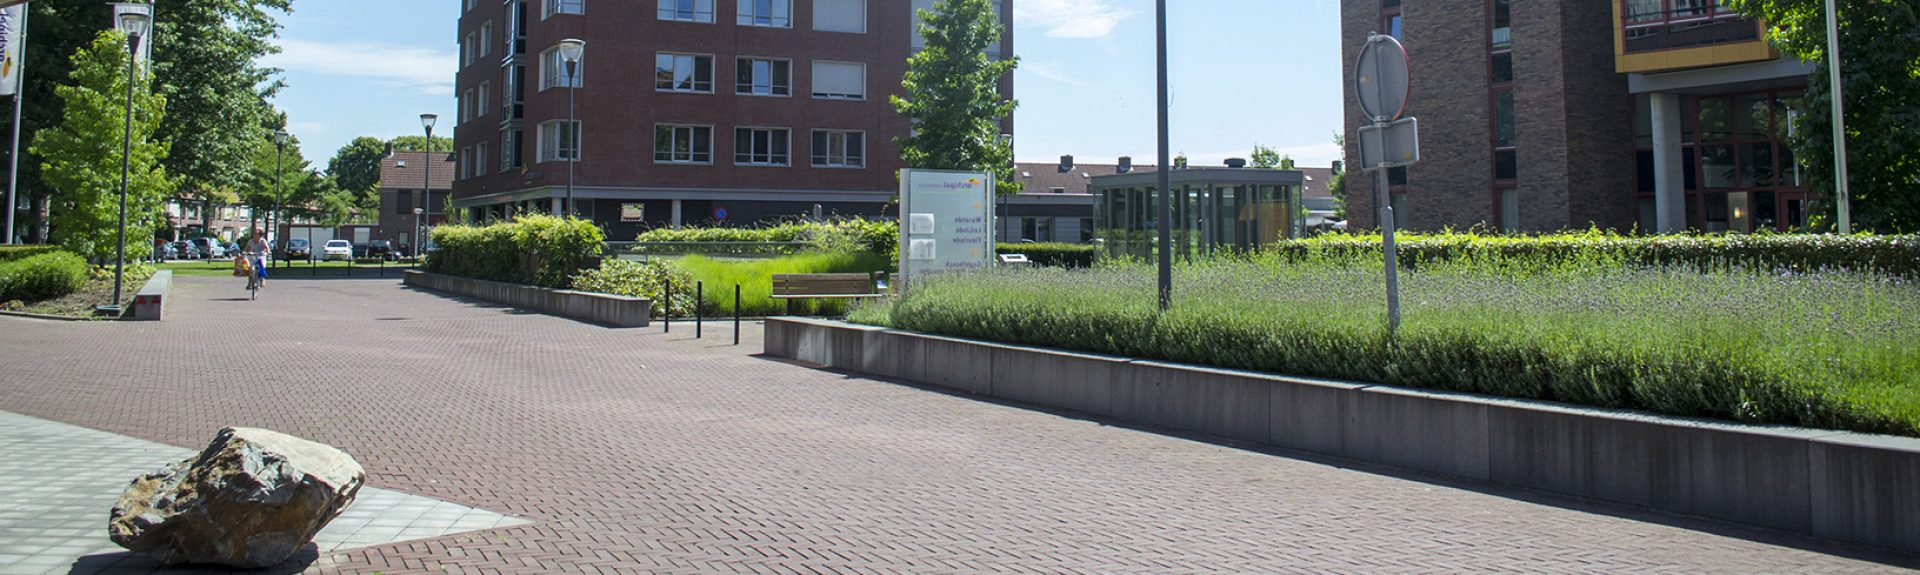 Terreinbeheer-Archipel-Zuiderpark-Gachelbosch-Eindhoven-T&G-Groep